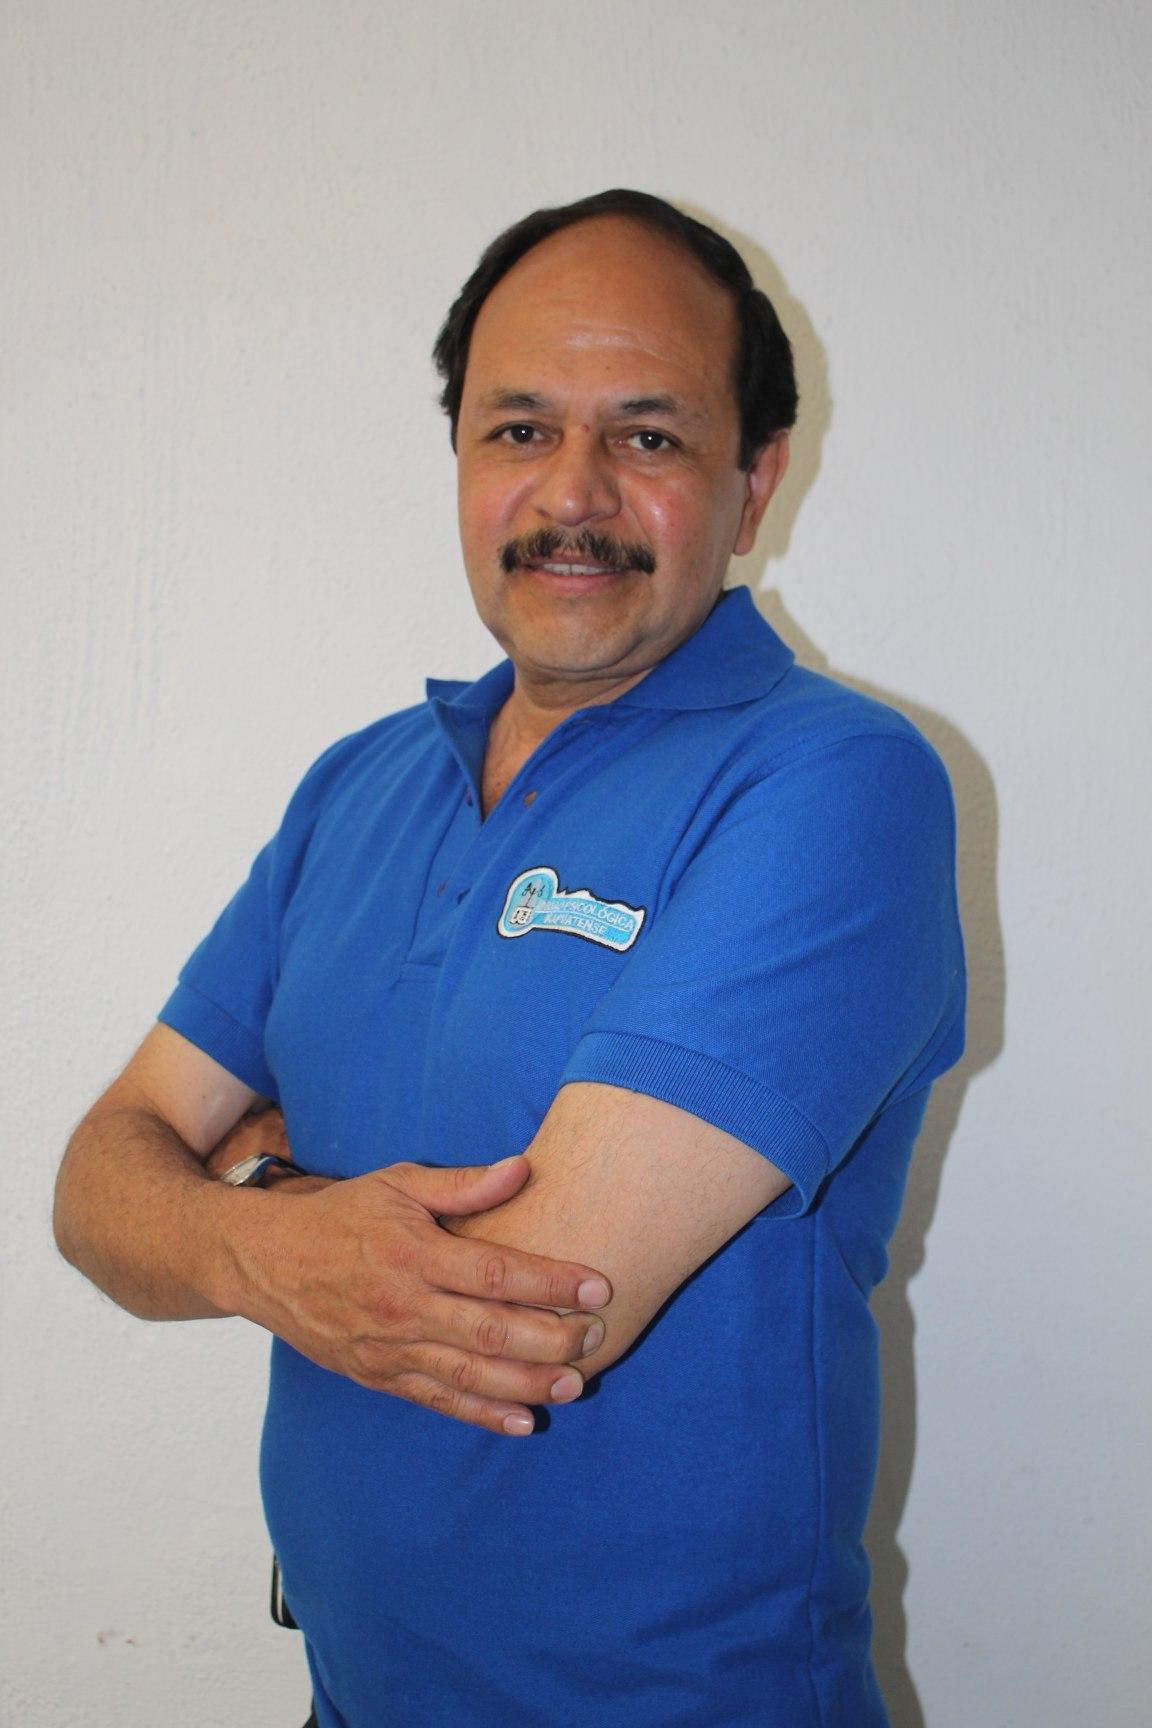 Administrado Sergio Soto Mariscal